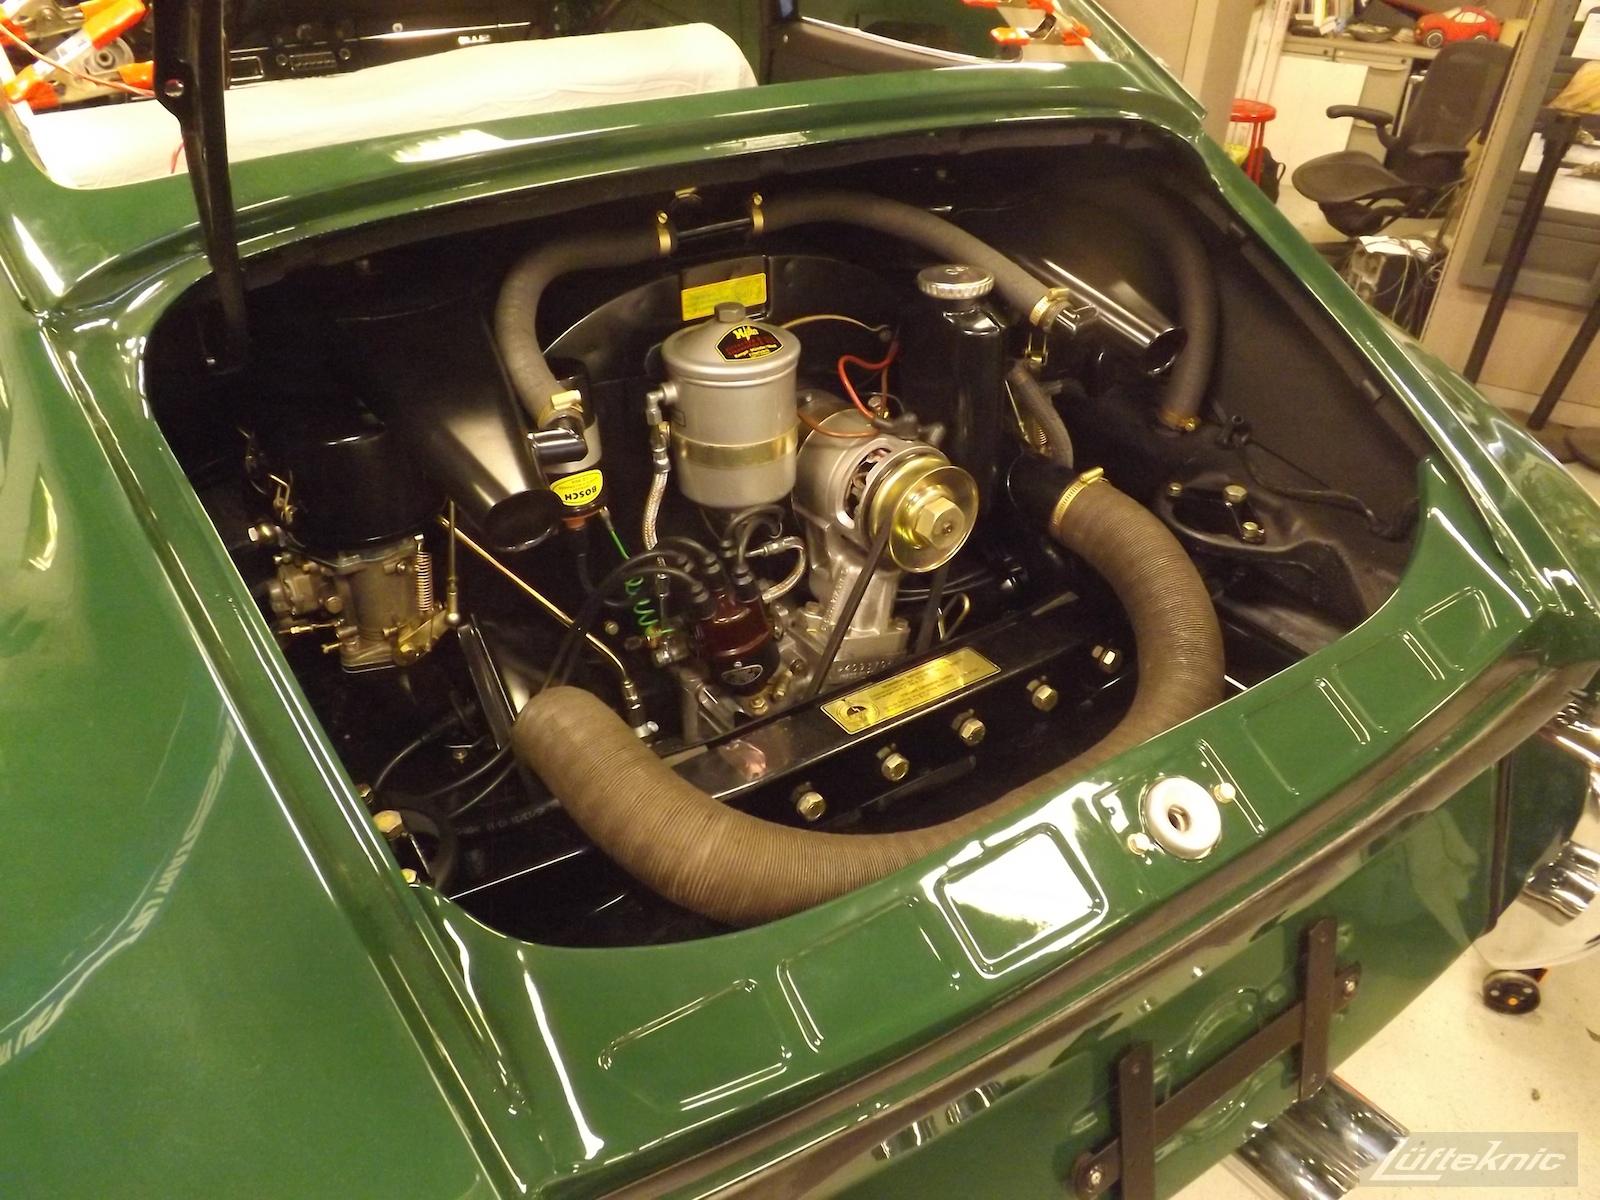 Engine installed into an Irish Green Porsche 912 undergoing restoration at Lufteknic.